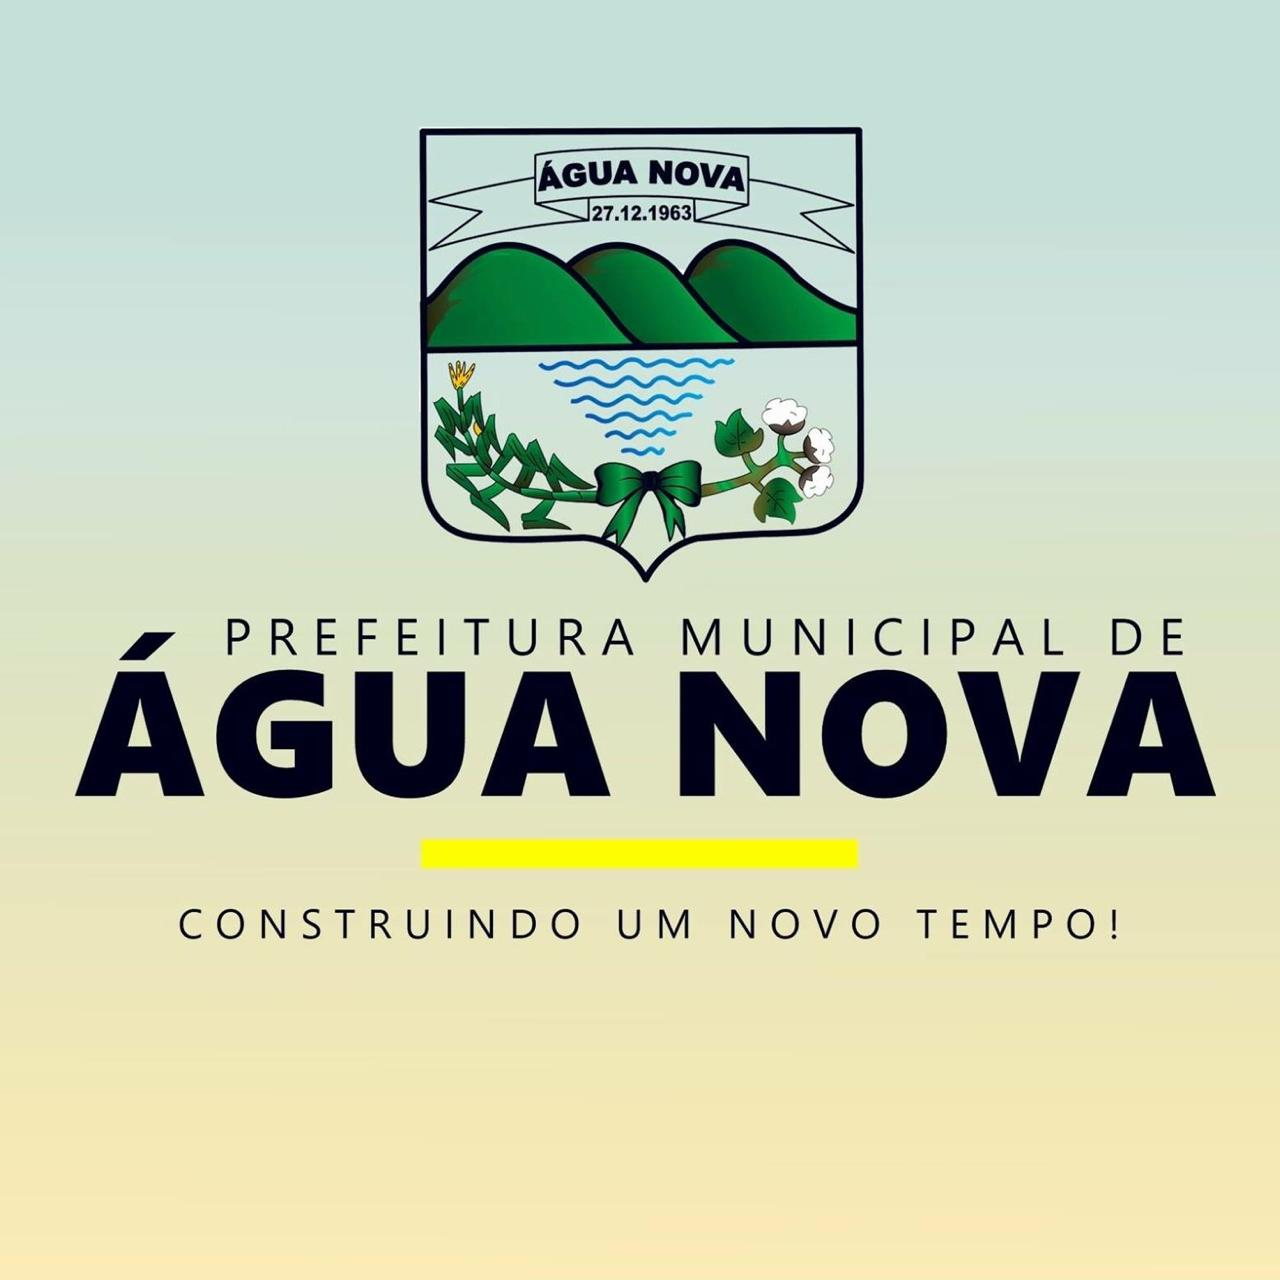 Prefeitura Municipal de Água Nova